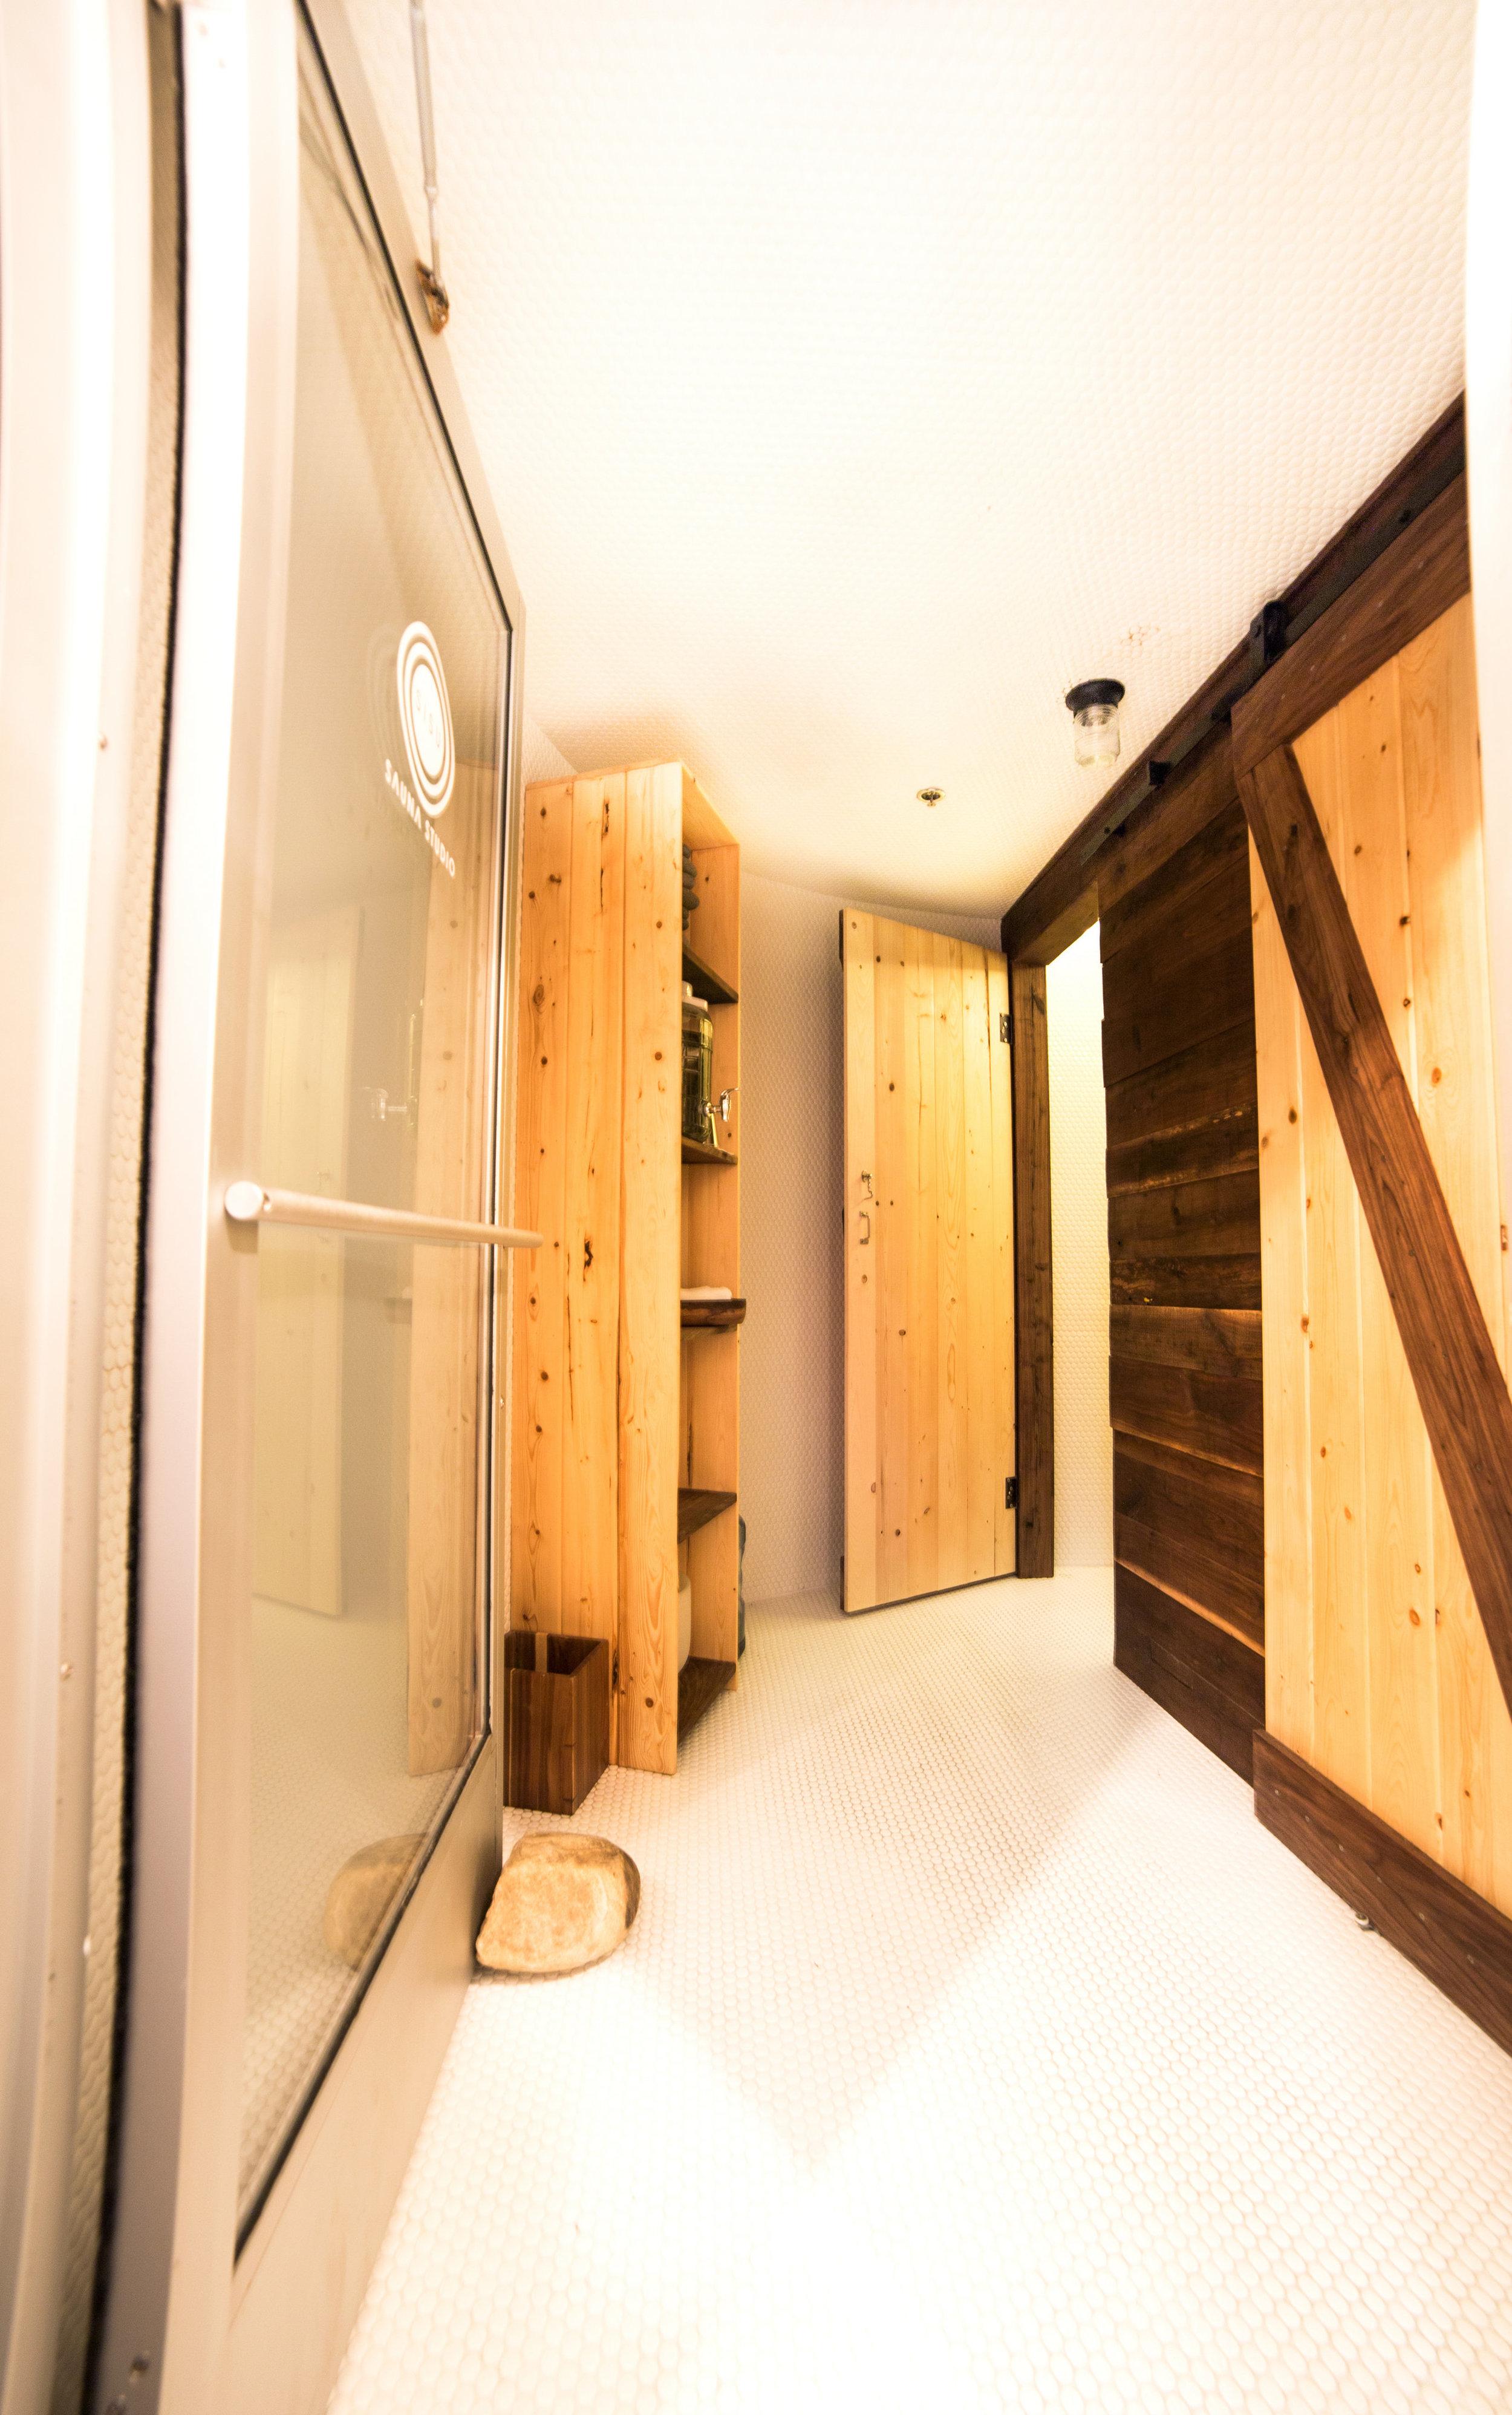 Sisu Sauna-Sisu-0027.jpg